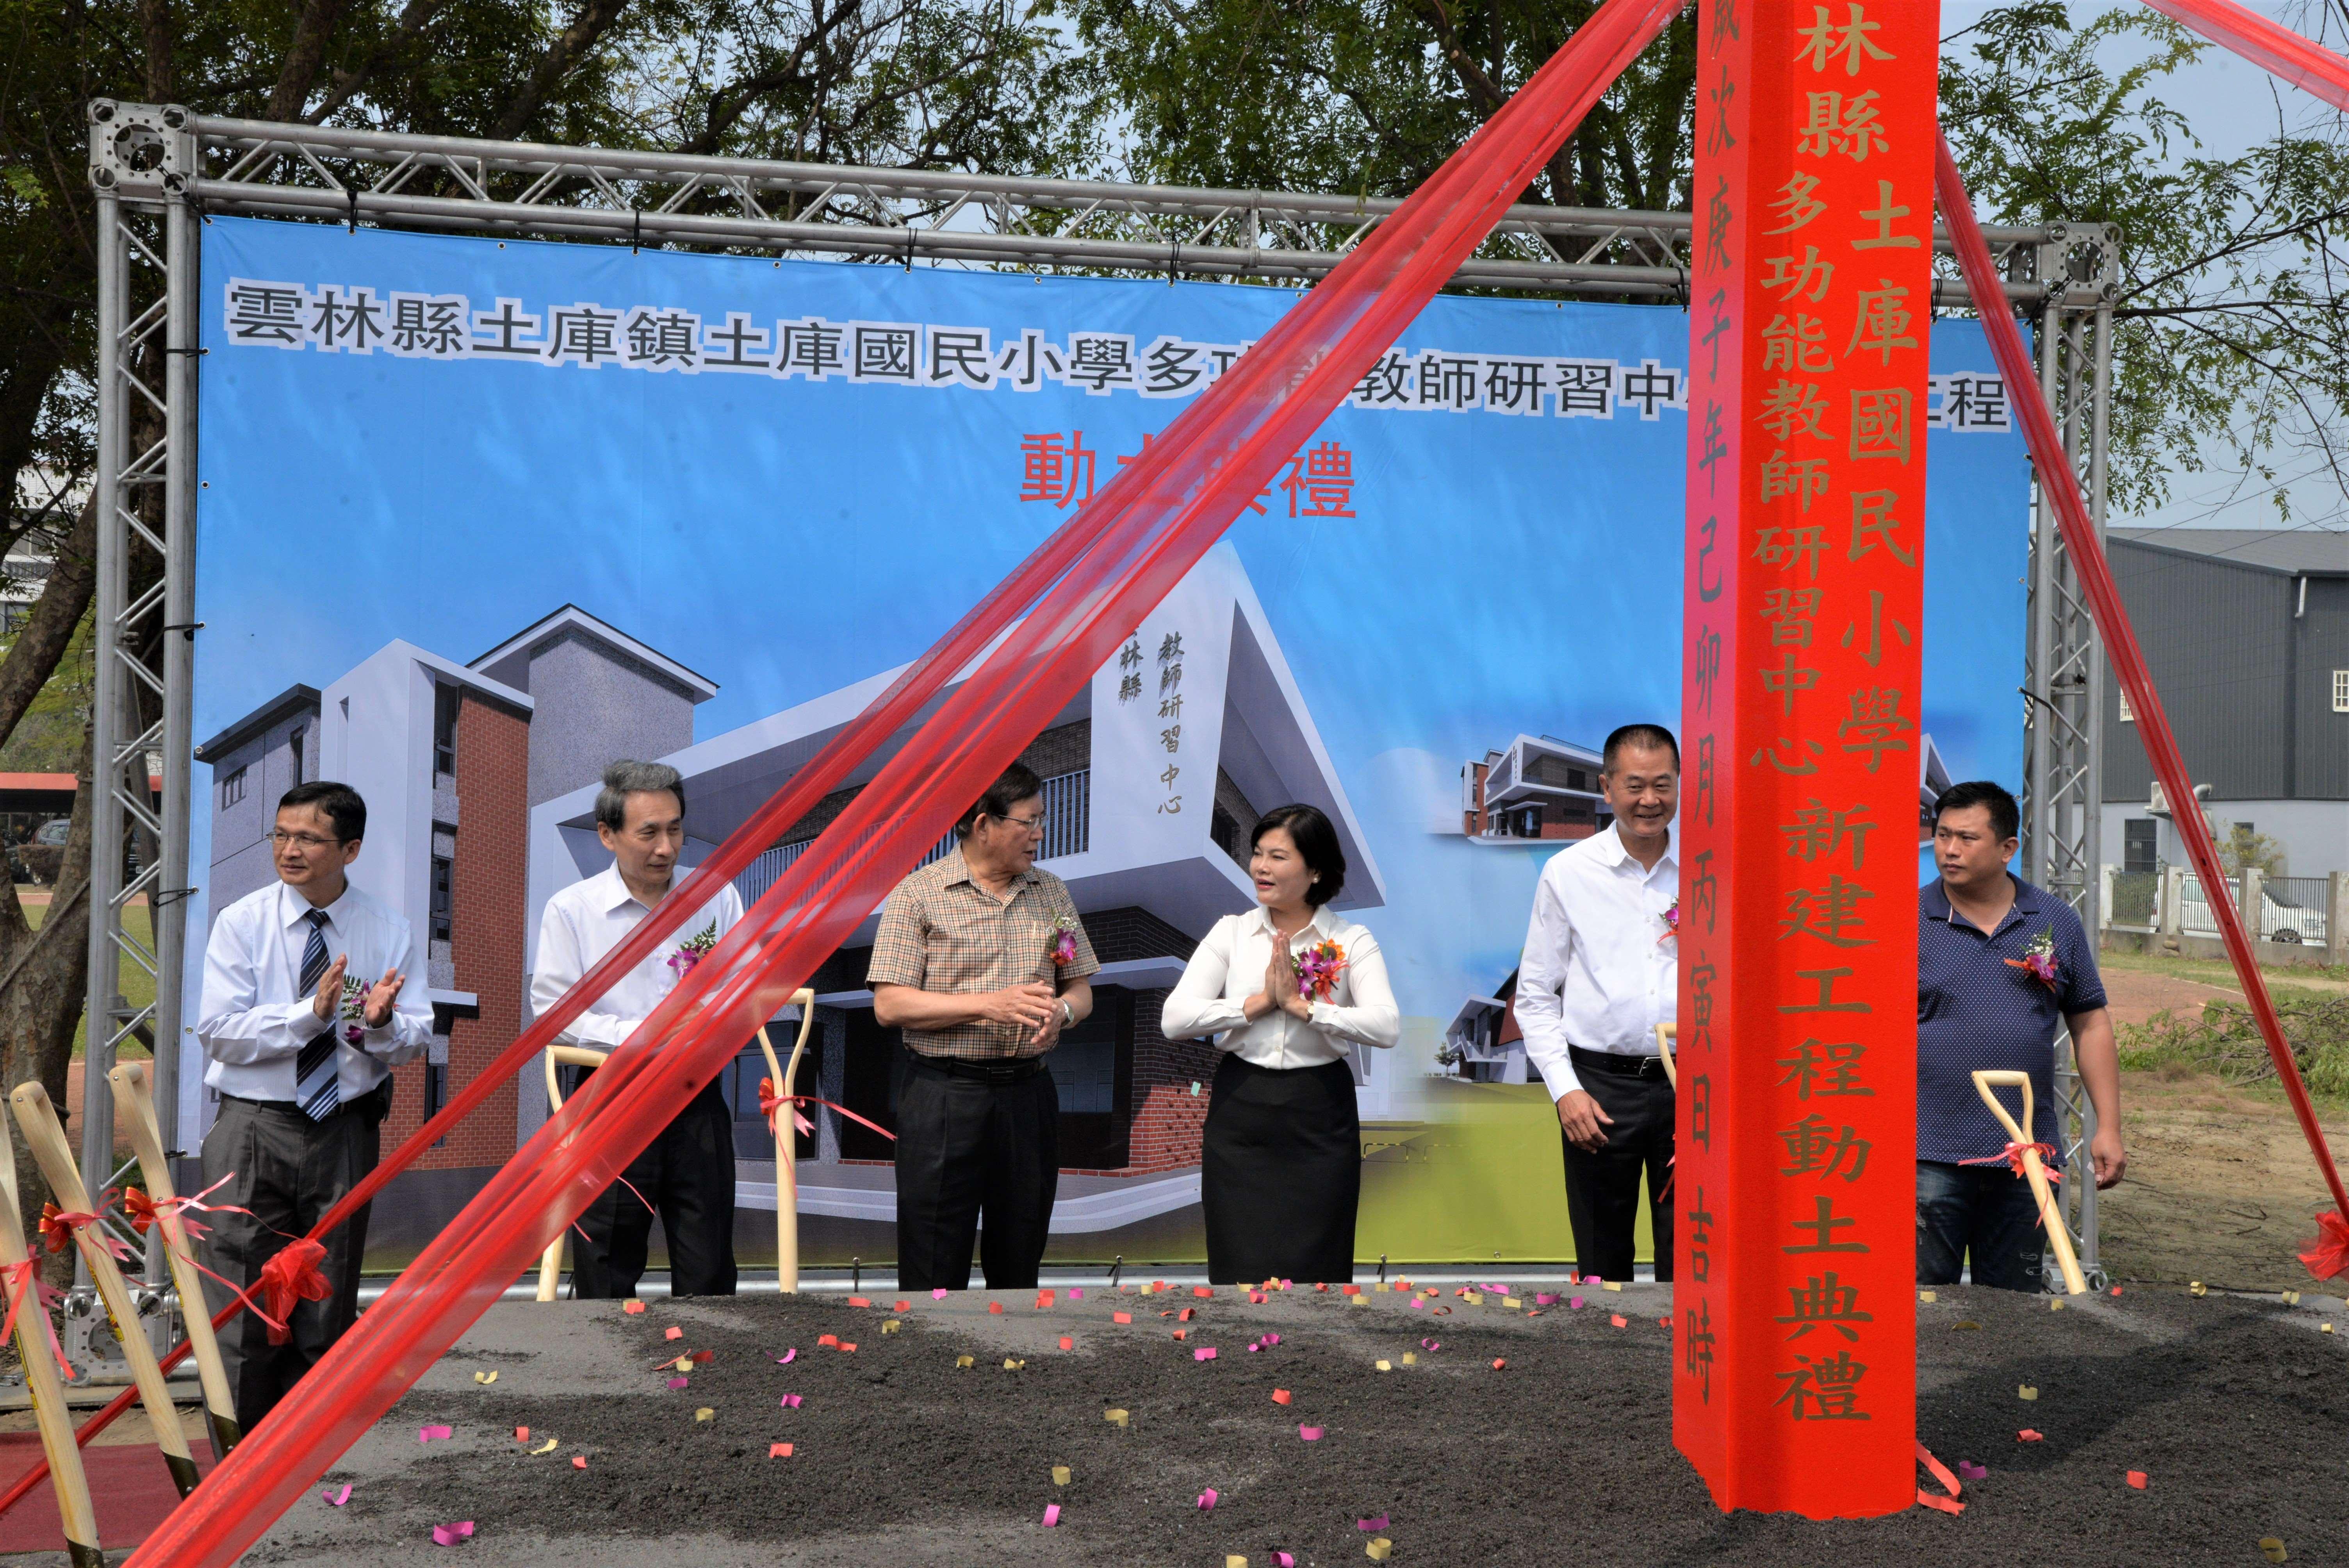 雲林縣第二座教師研習中心興建在土庫國小越港分校,今日熱鬧動工,不僅地理位置適當、交通也很便利。